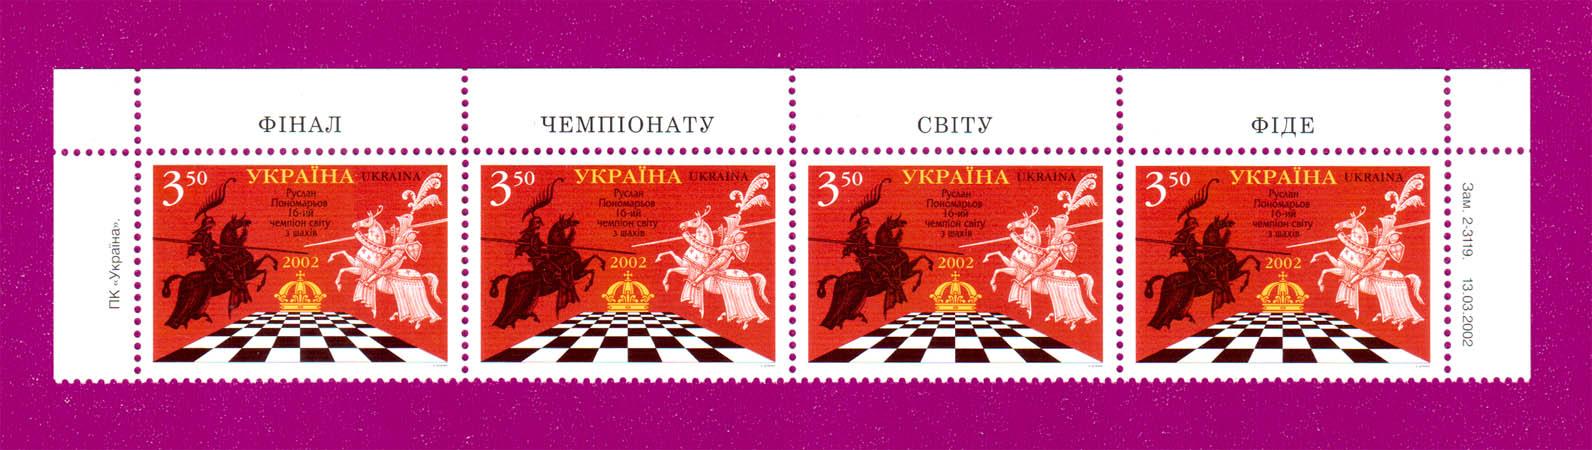 2002 часть листа Шахматы Пономарев ВЕРХ Украина